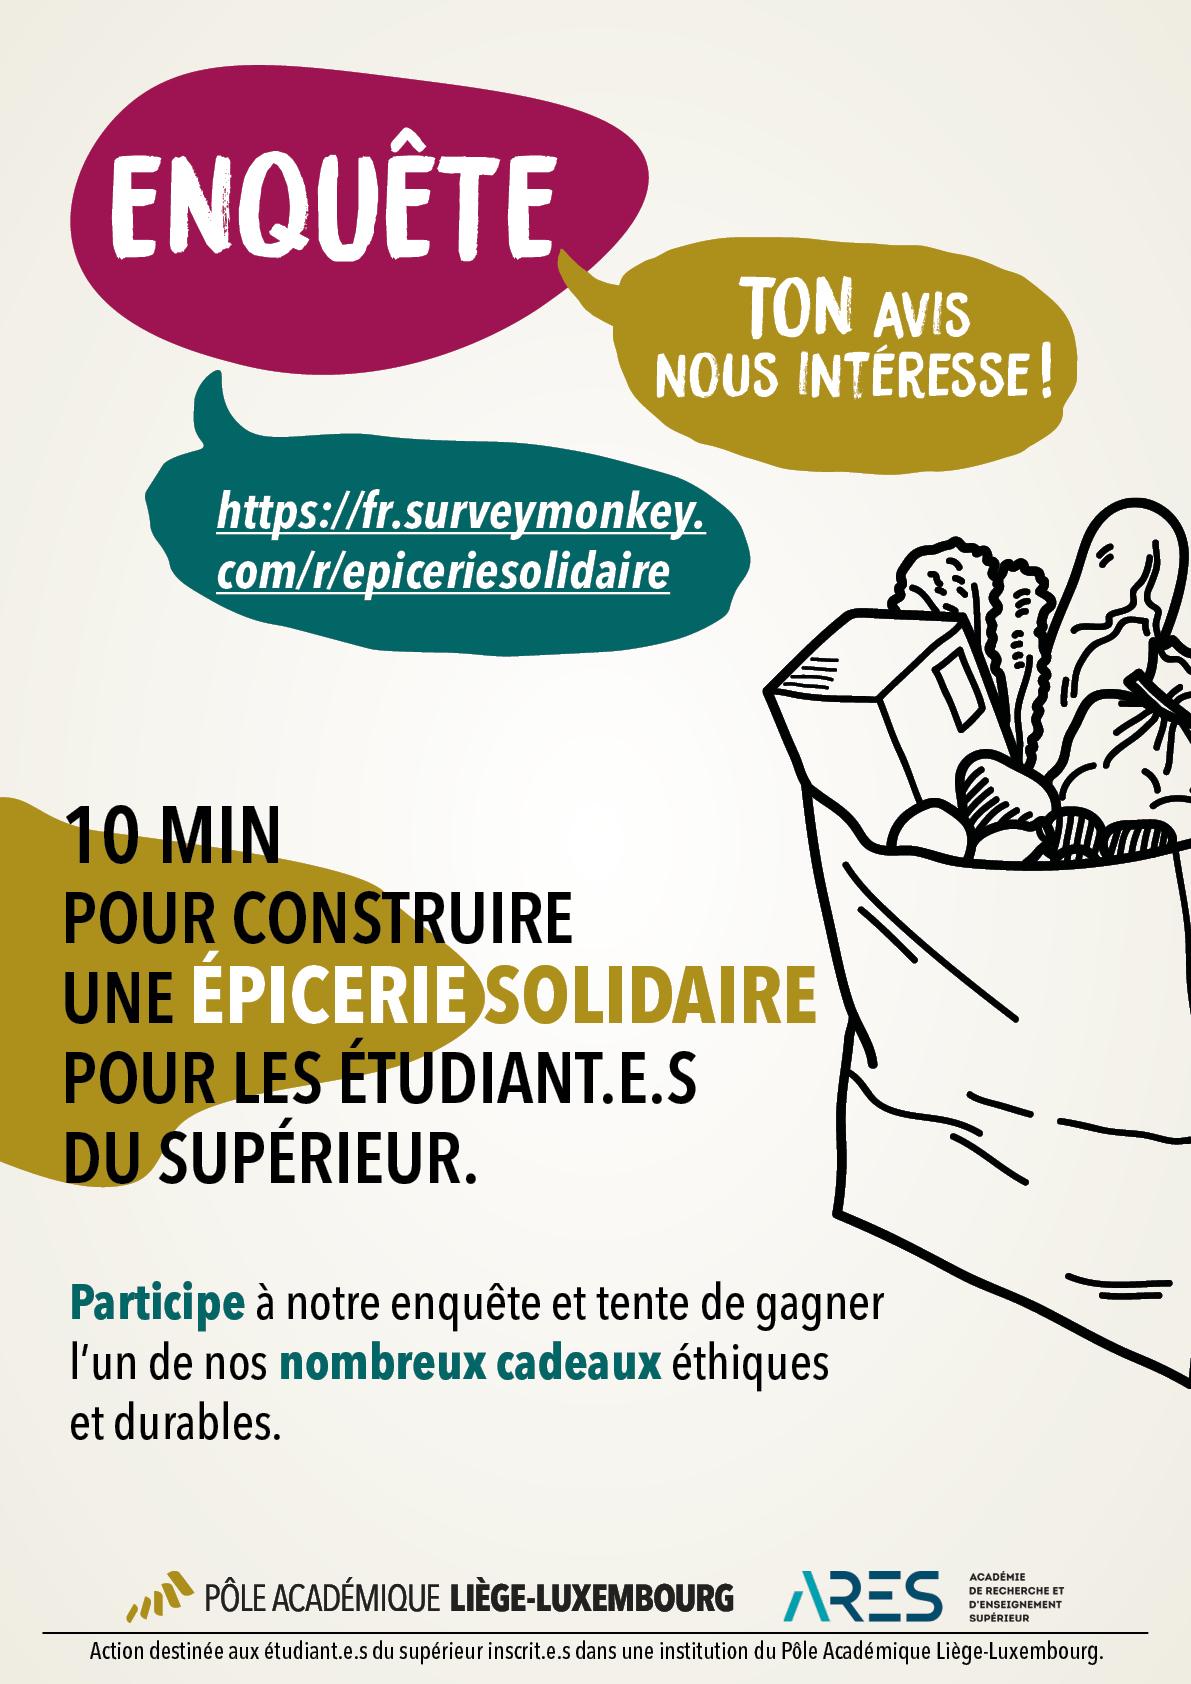 Affiche de l'enquête sur une épicerie solidaire au sein du Pôle